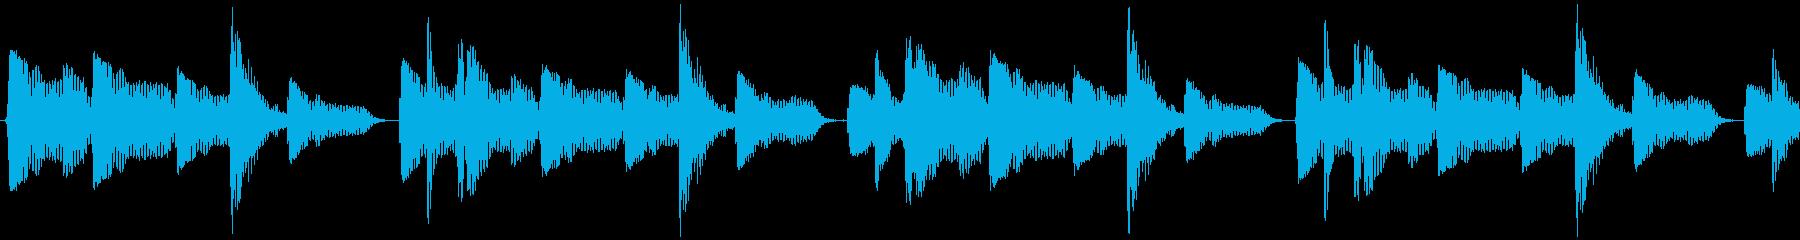 ダブステップのベーシックリズムの再生済みの波形